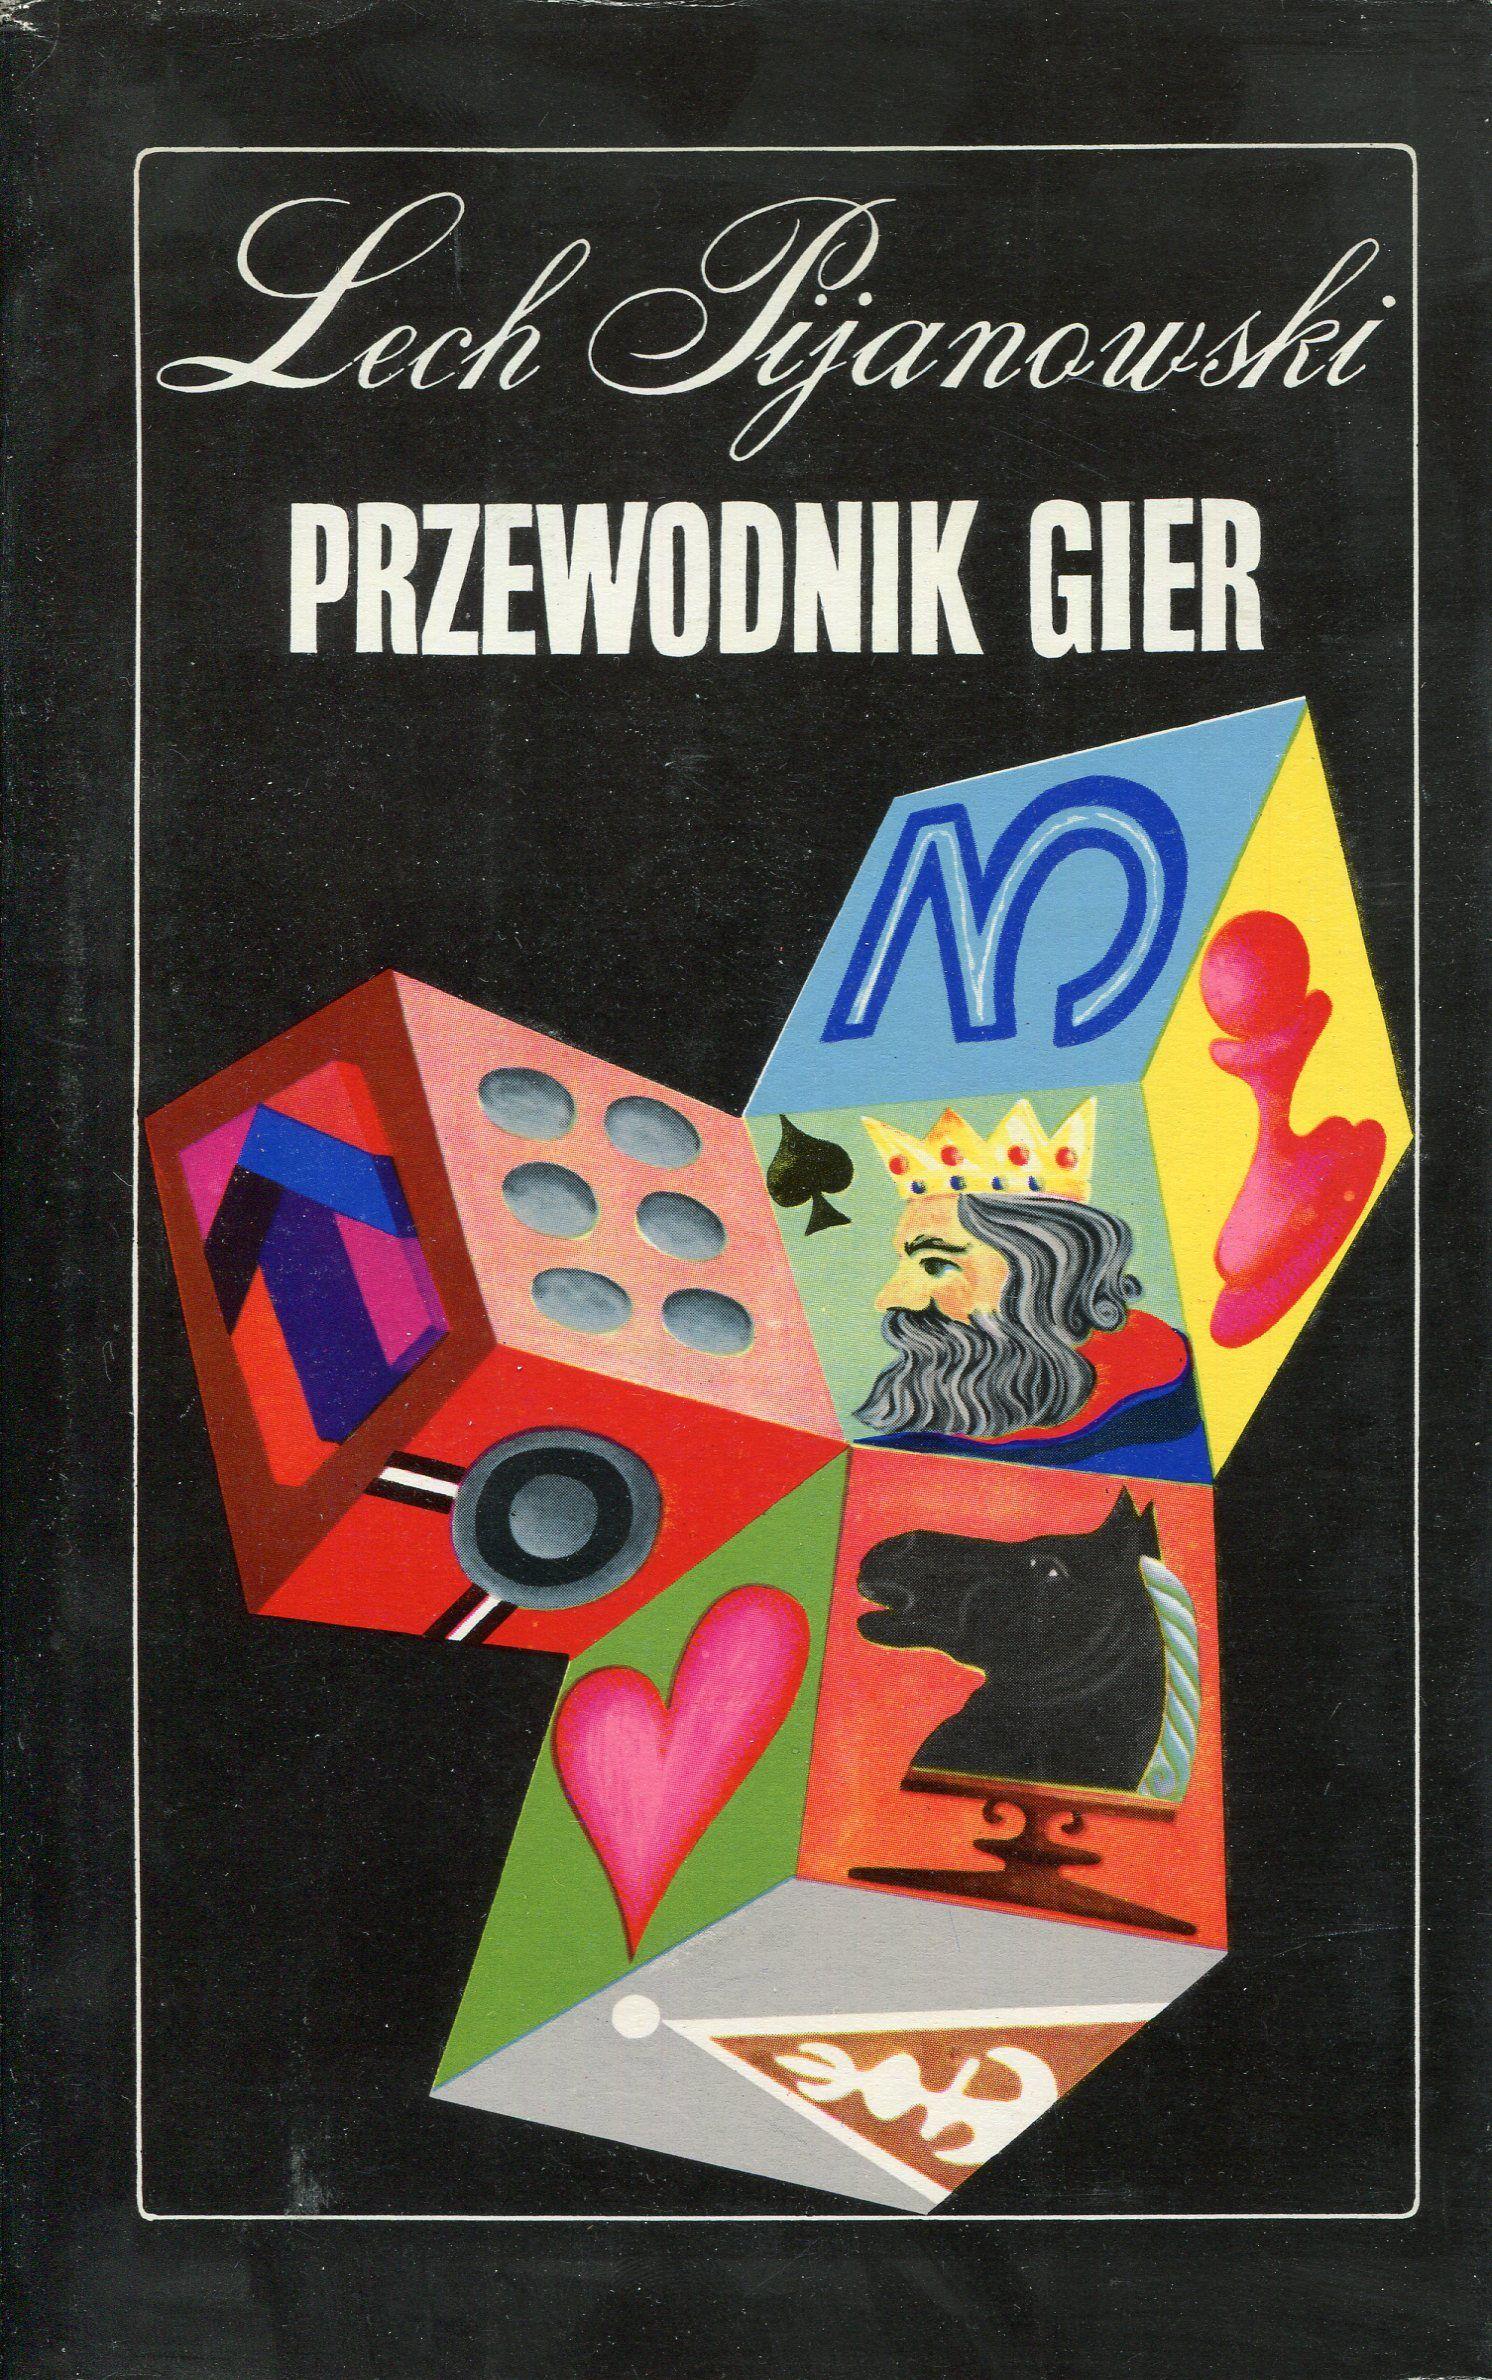 """""""Przewodnik gier"""" Lech Pijanowski Cover by Tadeusz Michaluk Published by Wydawnictwo Iskry 1972"""